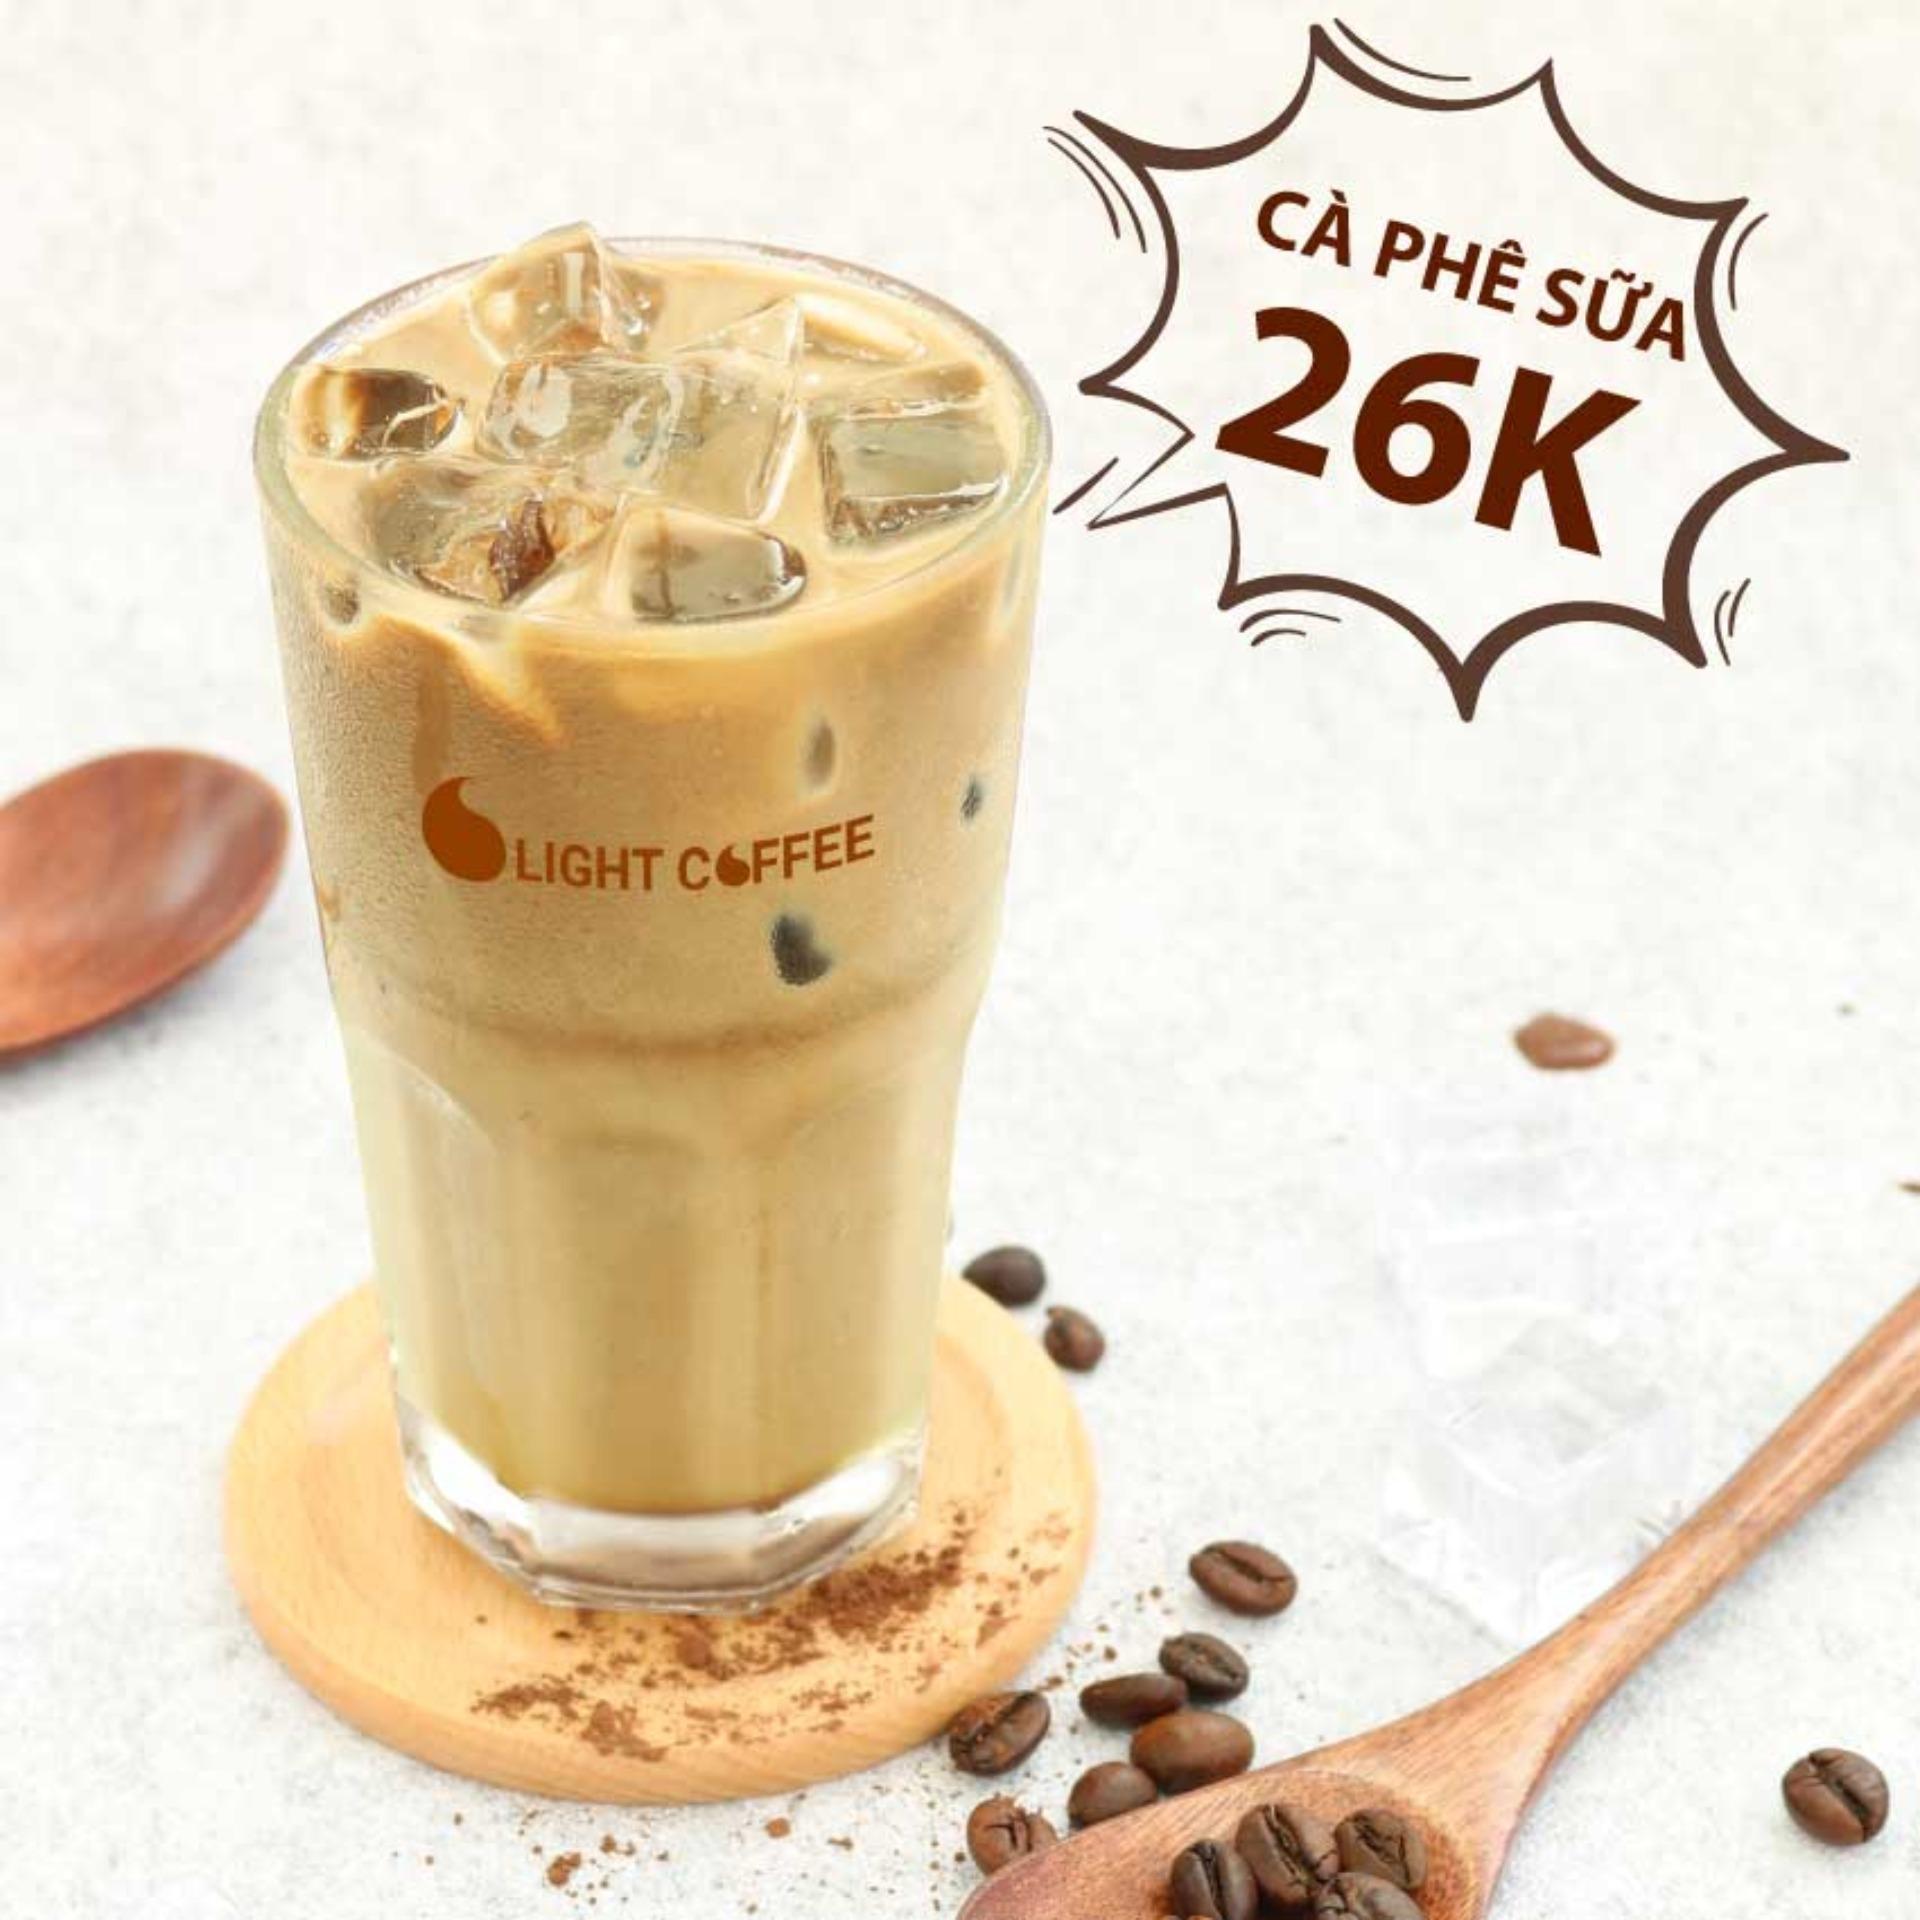 HCM - Evoucher Tặng ly cà phê sữa trị giá 26k tại quán Light Coffee - Cà phê nguyên chất đá tinh khiết